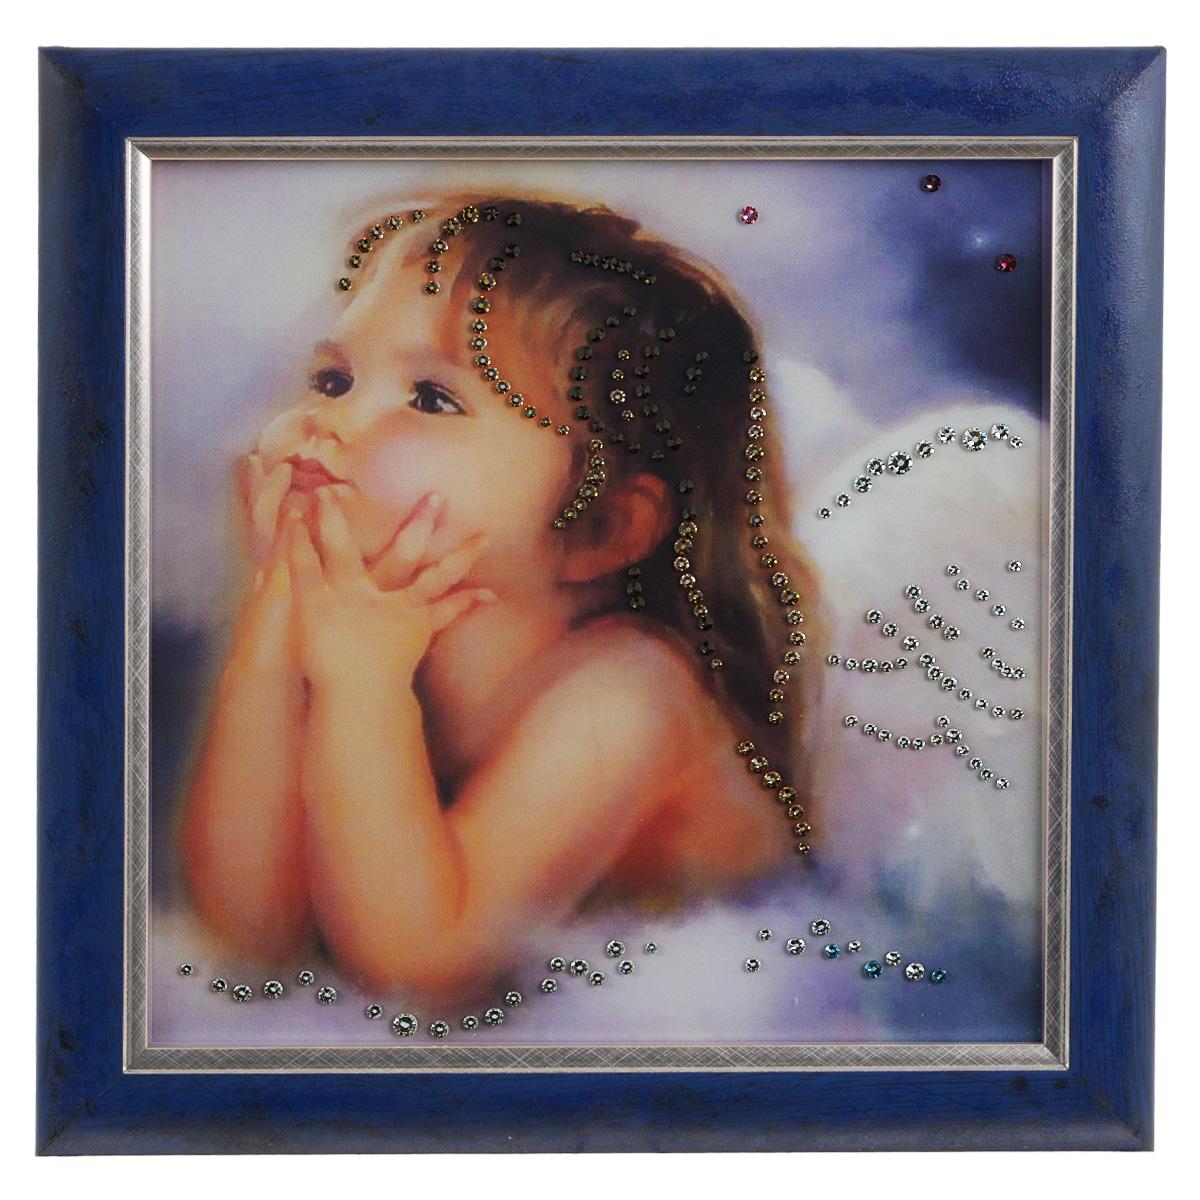 Картина с кристаллами Swarovski Ты мой ангел, 30 см х 30 см060616001Изящная картина в раме Ты мой ангел инкрустирована кристаллами Swarovski, которые отличаются четкой и ровной огранкой, ярким блеском и чистотой цвета. Идеально подобранная палитра кристаллов прекрасно дополняет картину. С задней стороны изделие оснащено специальной проволокой для размещения на стене. Картина с кристаллами Swarovski элегантно украсит интерьер дома, а также станет прекрасным подарком, который обязательно понравится получателю. Блеск кристаллов в интерьере - что может быть сказочнее и удивительнее. Изделие упаковано в подарочную картонную коробку синего цвета и комплектуется сертификатом соответствия Swarovski.